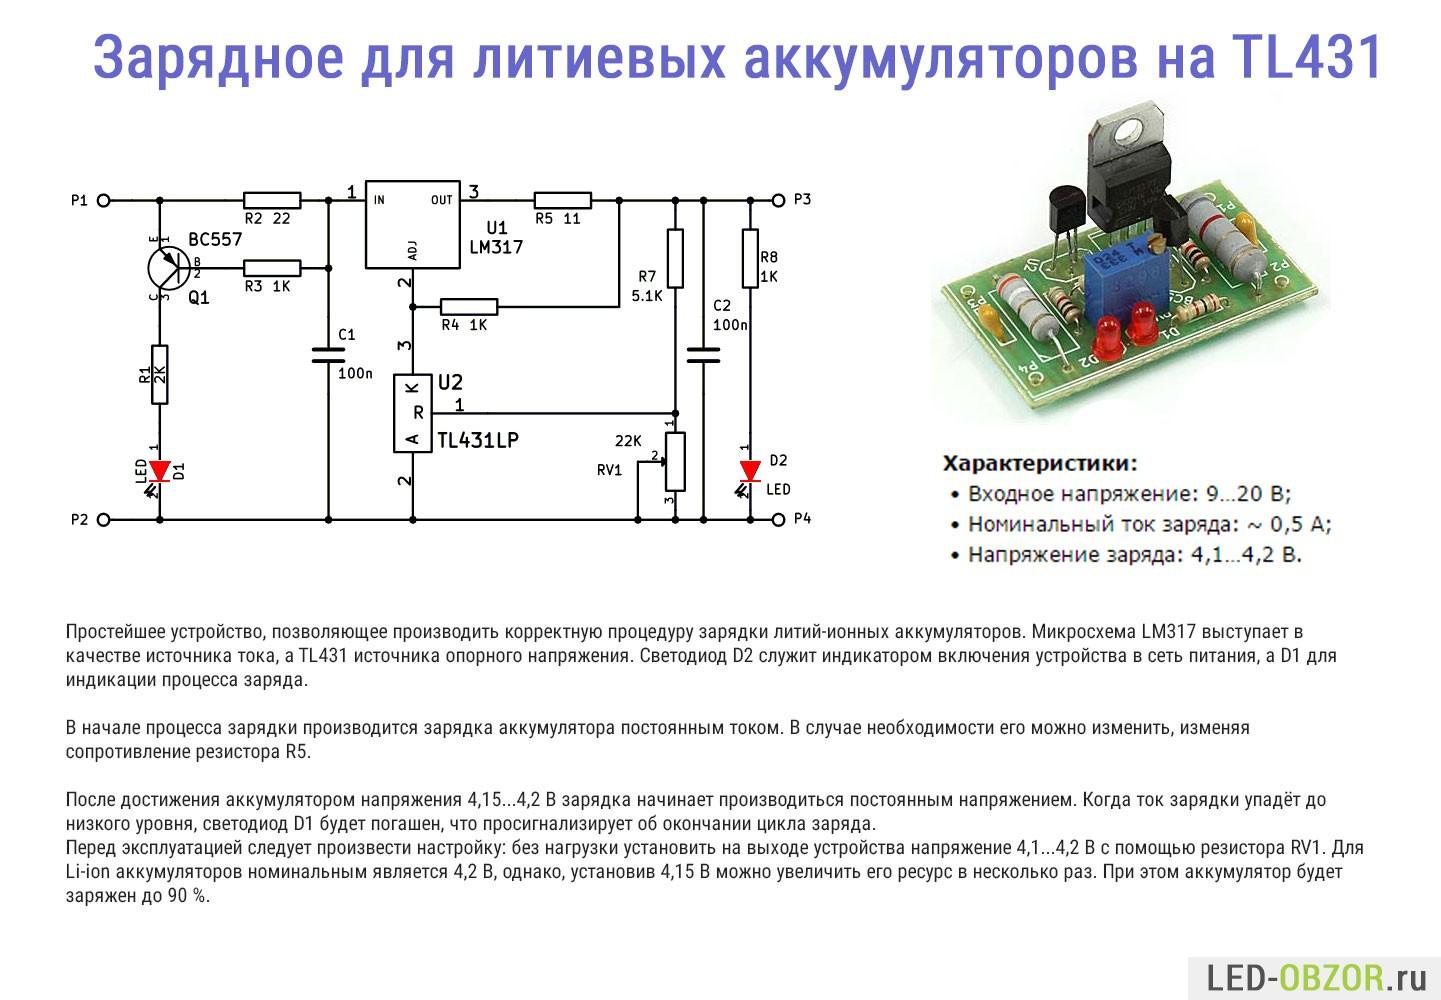 Микросхема hxl 8002 и ее схема